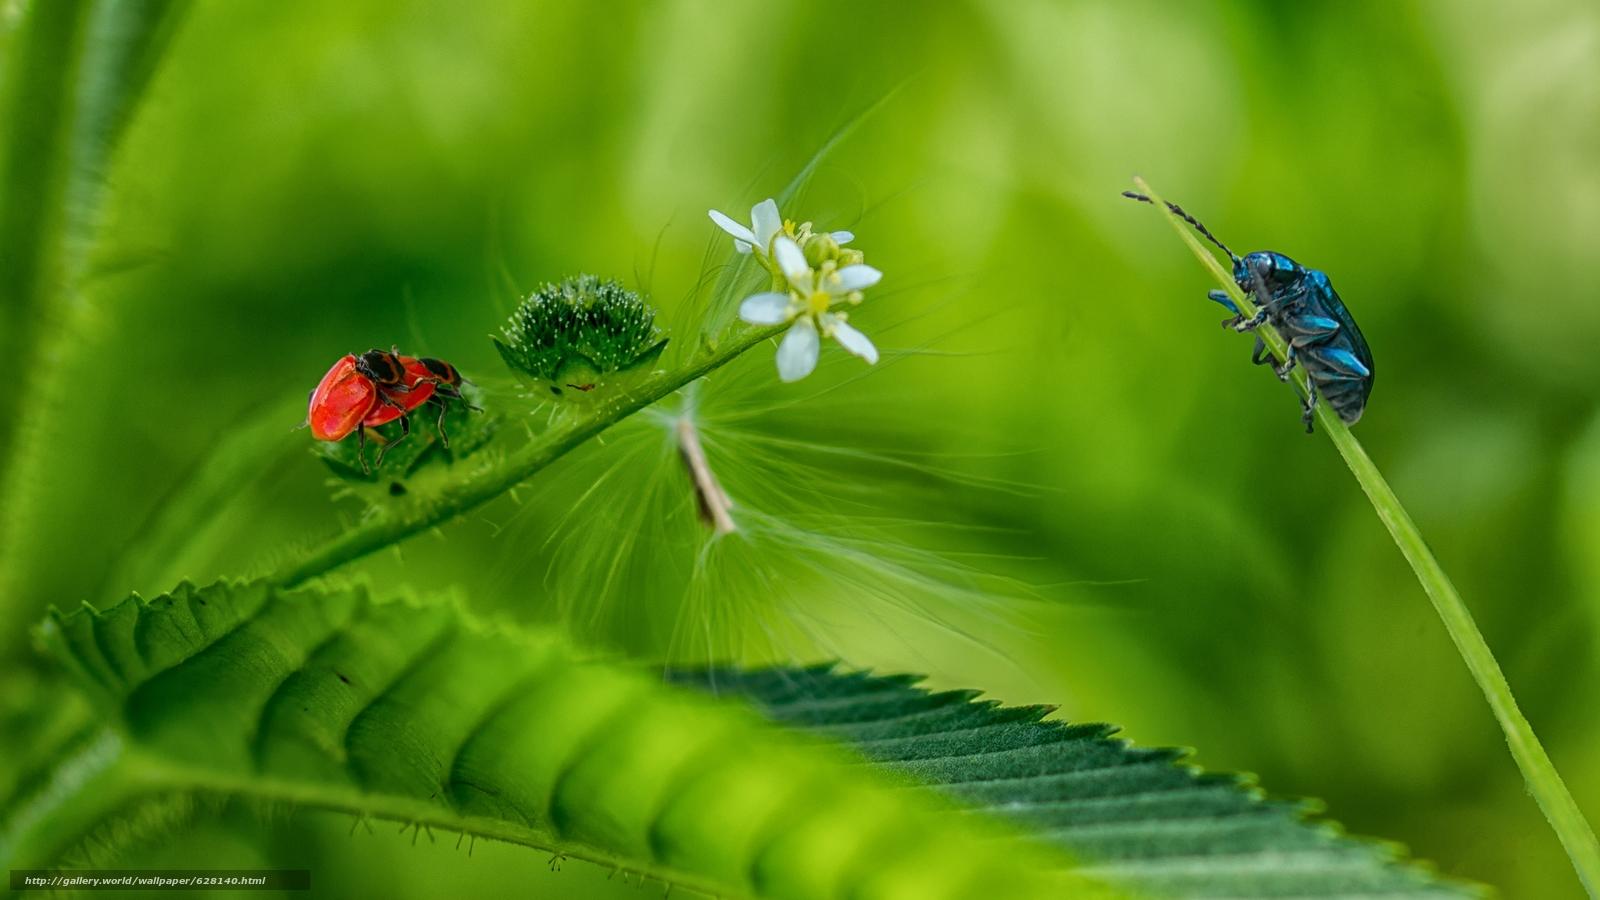 лист, цветы, жуки, макро